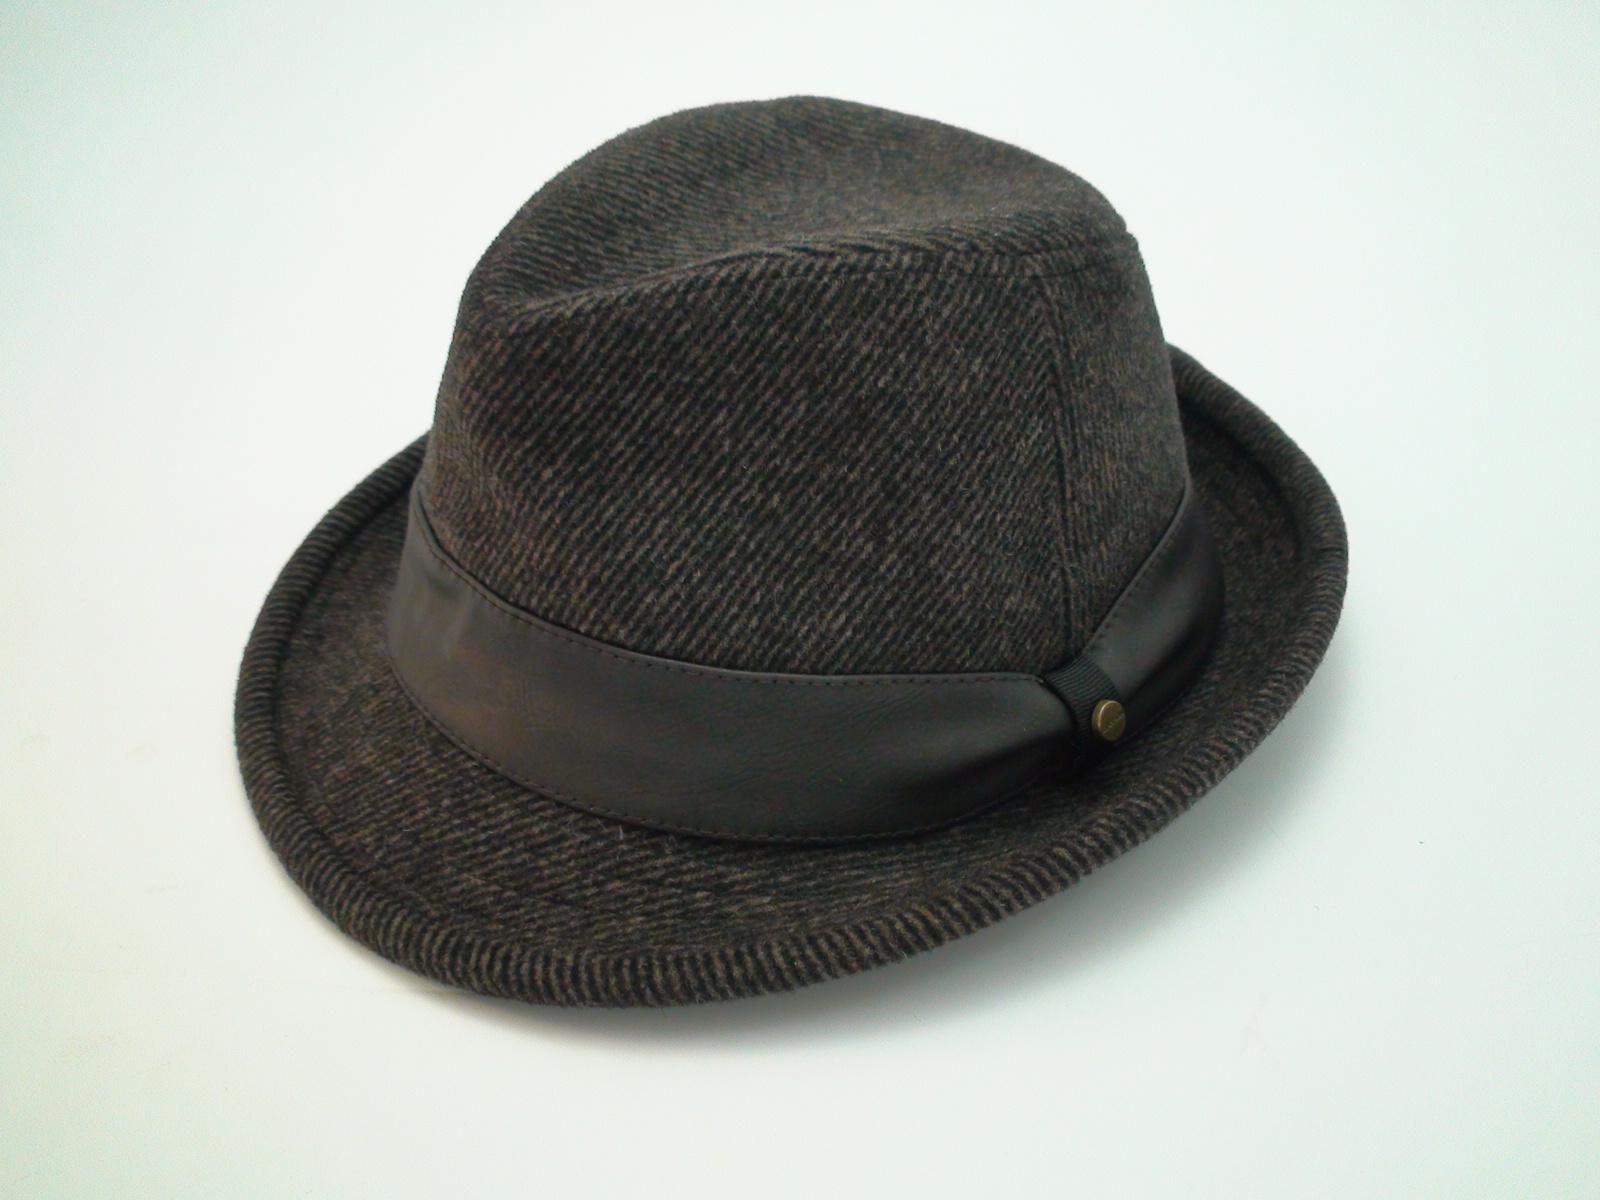 Stetson Herringbone Brown Wool Blend Trilby Fedora Cloth Hat 7349b120947